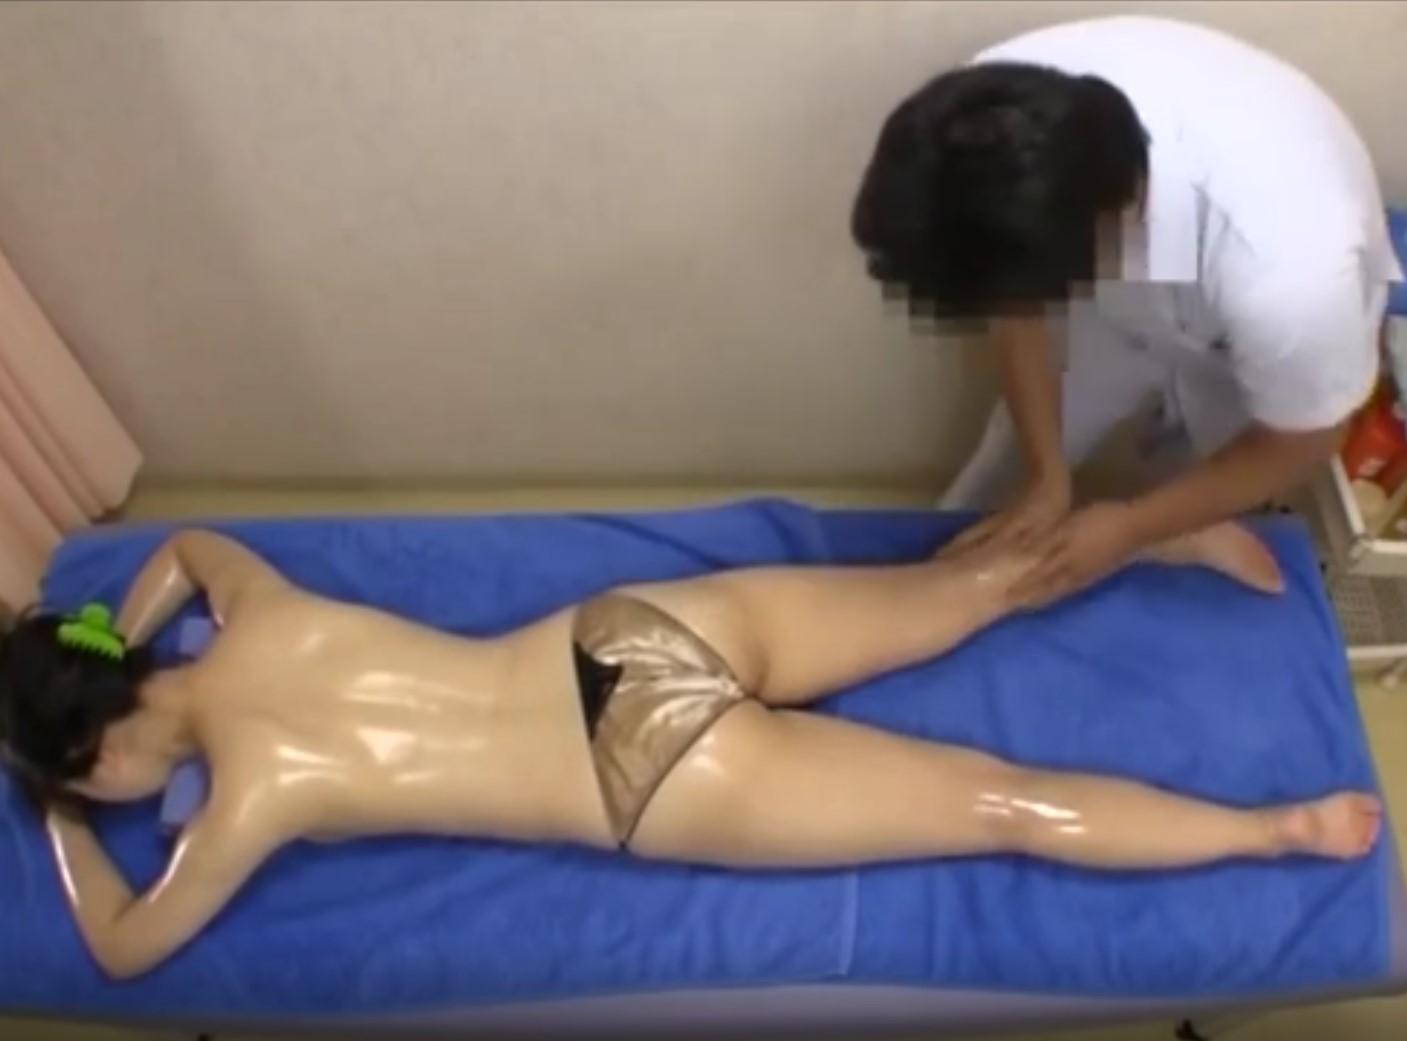 หนังโป๊ญี่ปุ่น เรื่อง หมอนวดขี้เงี่ยน จับสาวนวดจนเสร็จ